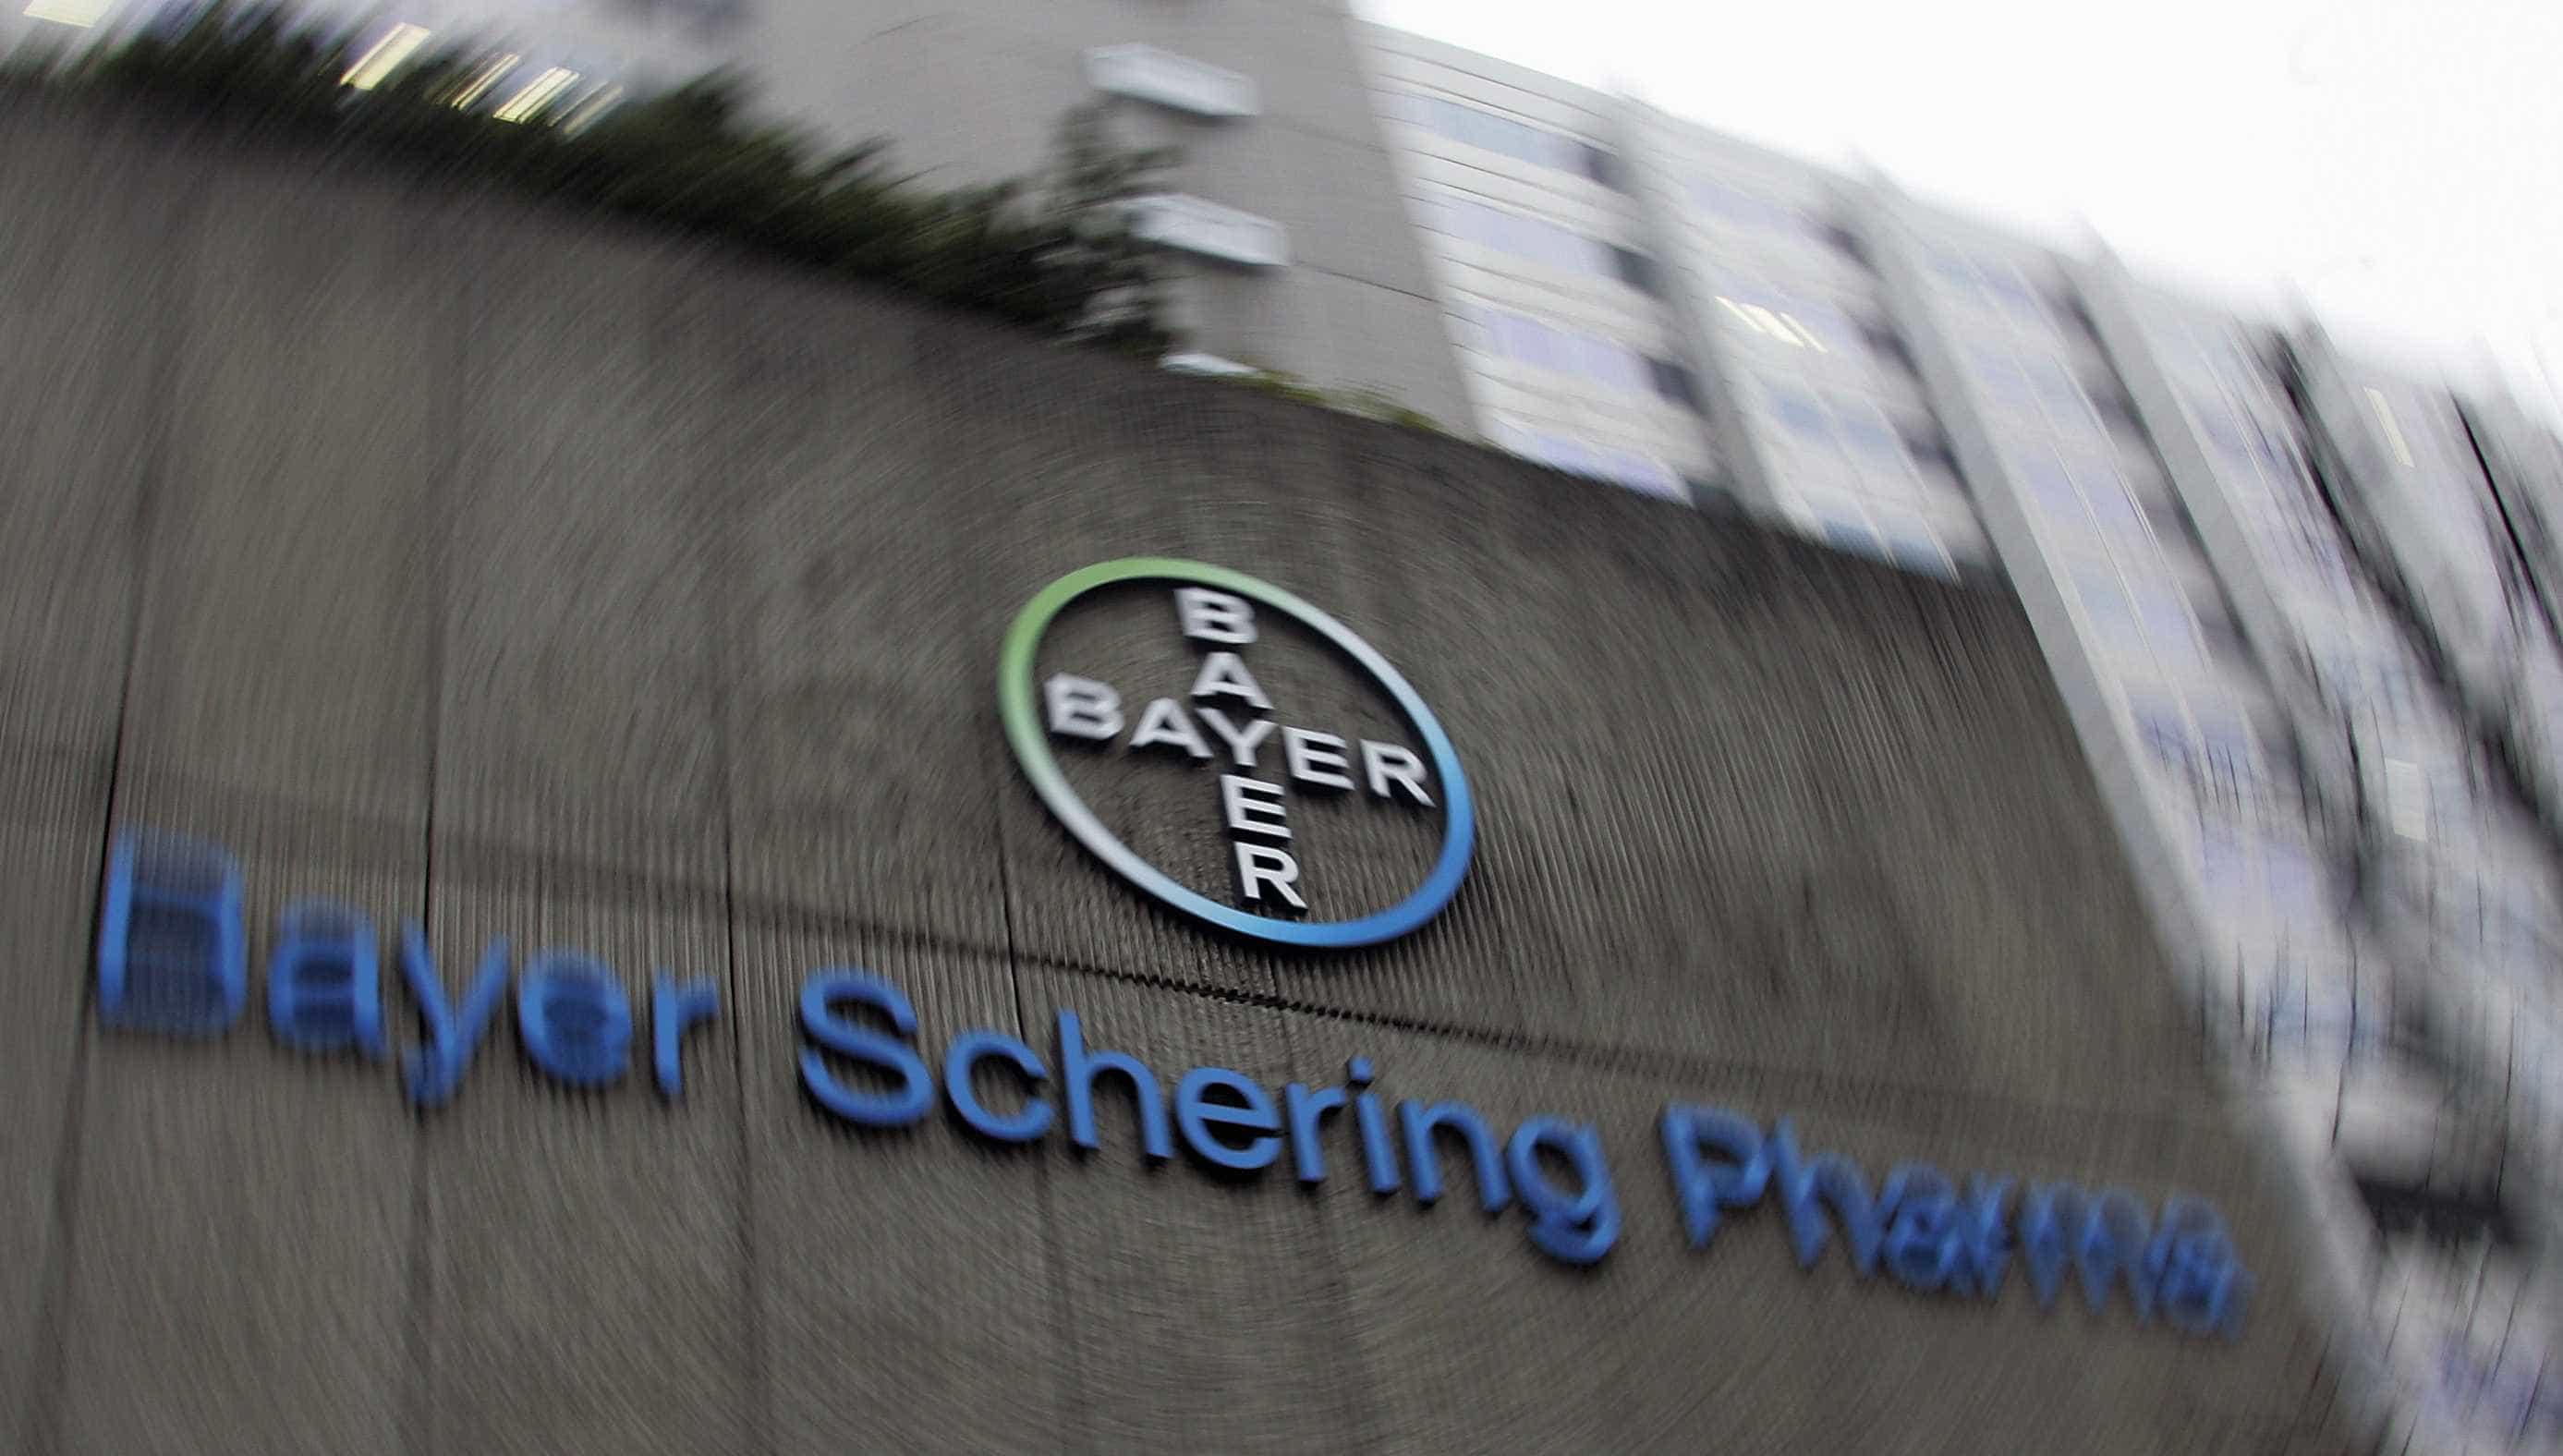 Bayer condenada a pagar 71 milhões a homem com cancro